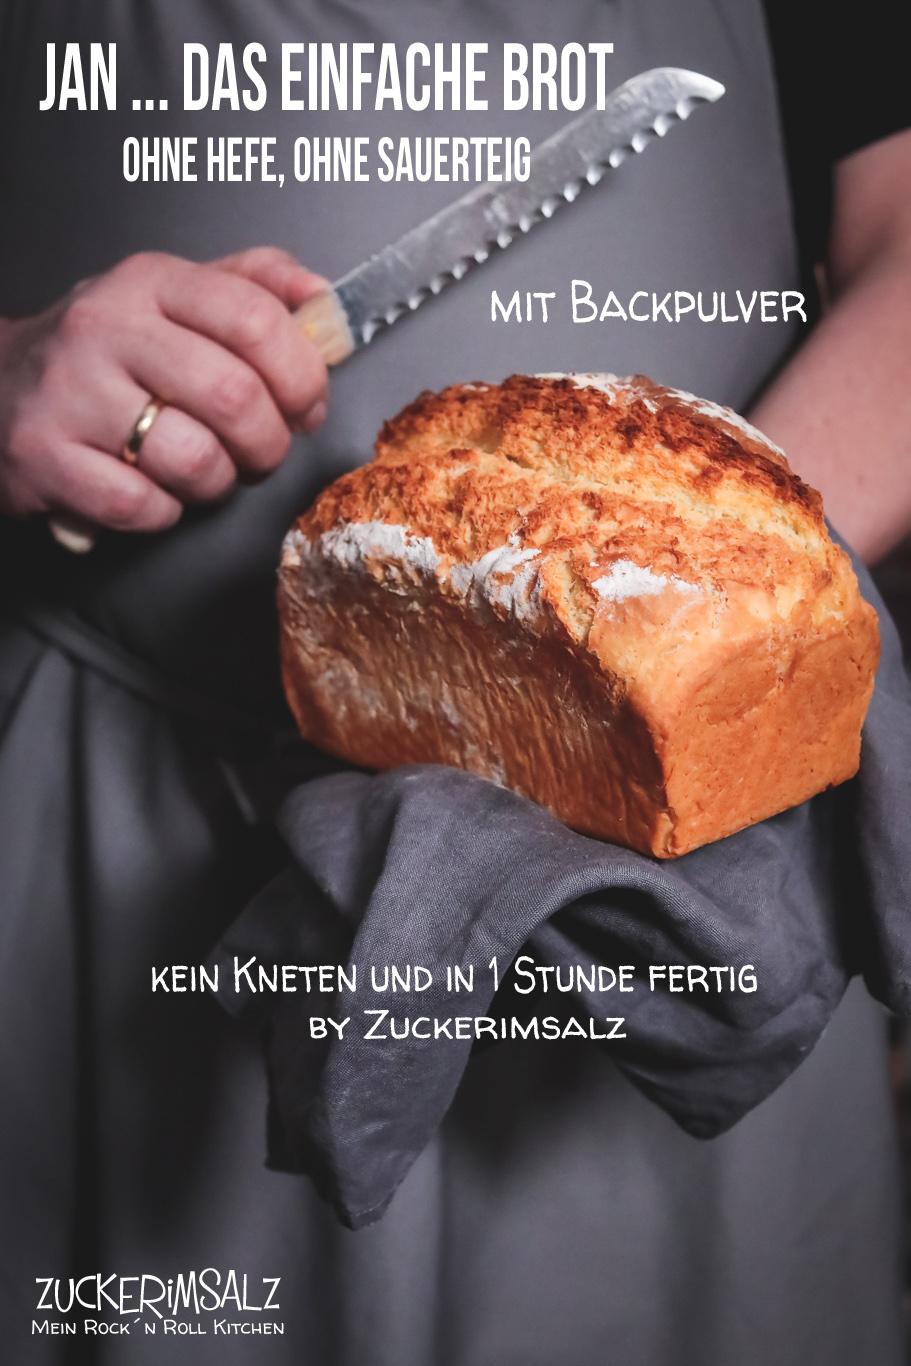 Jan … das einfache Brot mit Backpulver – ohne Hefe, ohne Sauerteig und ohne kneten